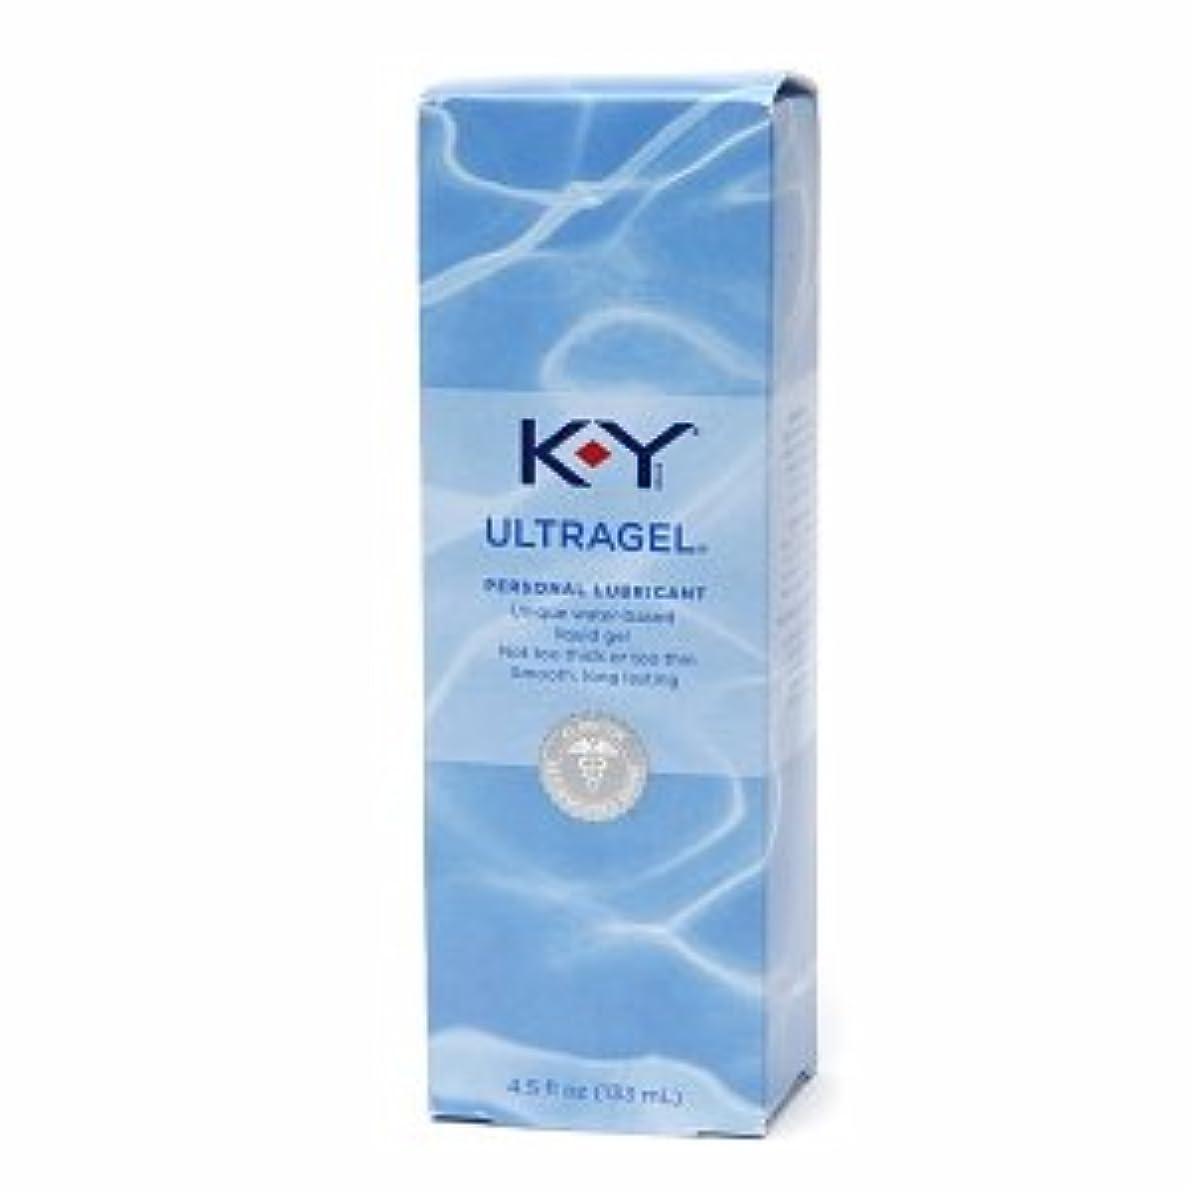 マットレスファブリック医薬品074 不感症で濡れにくい方へ【高級潤滑剤 KYゼリー】 水溶性の潤滑ジェル42g 海外直送品